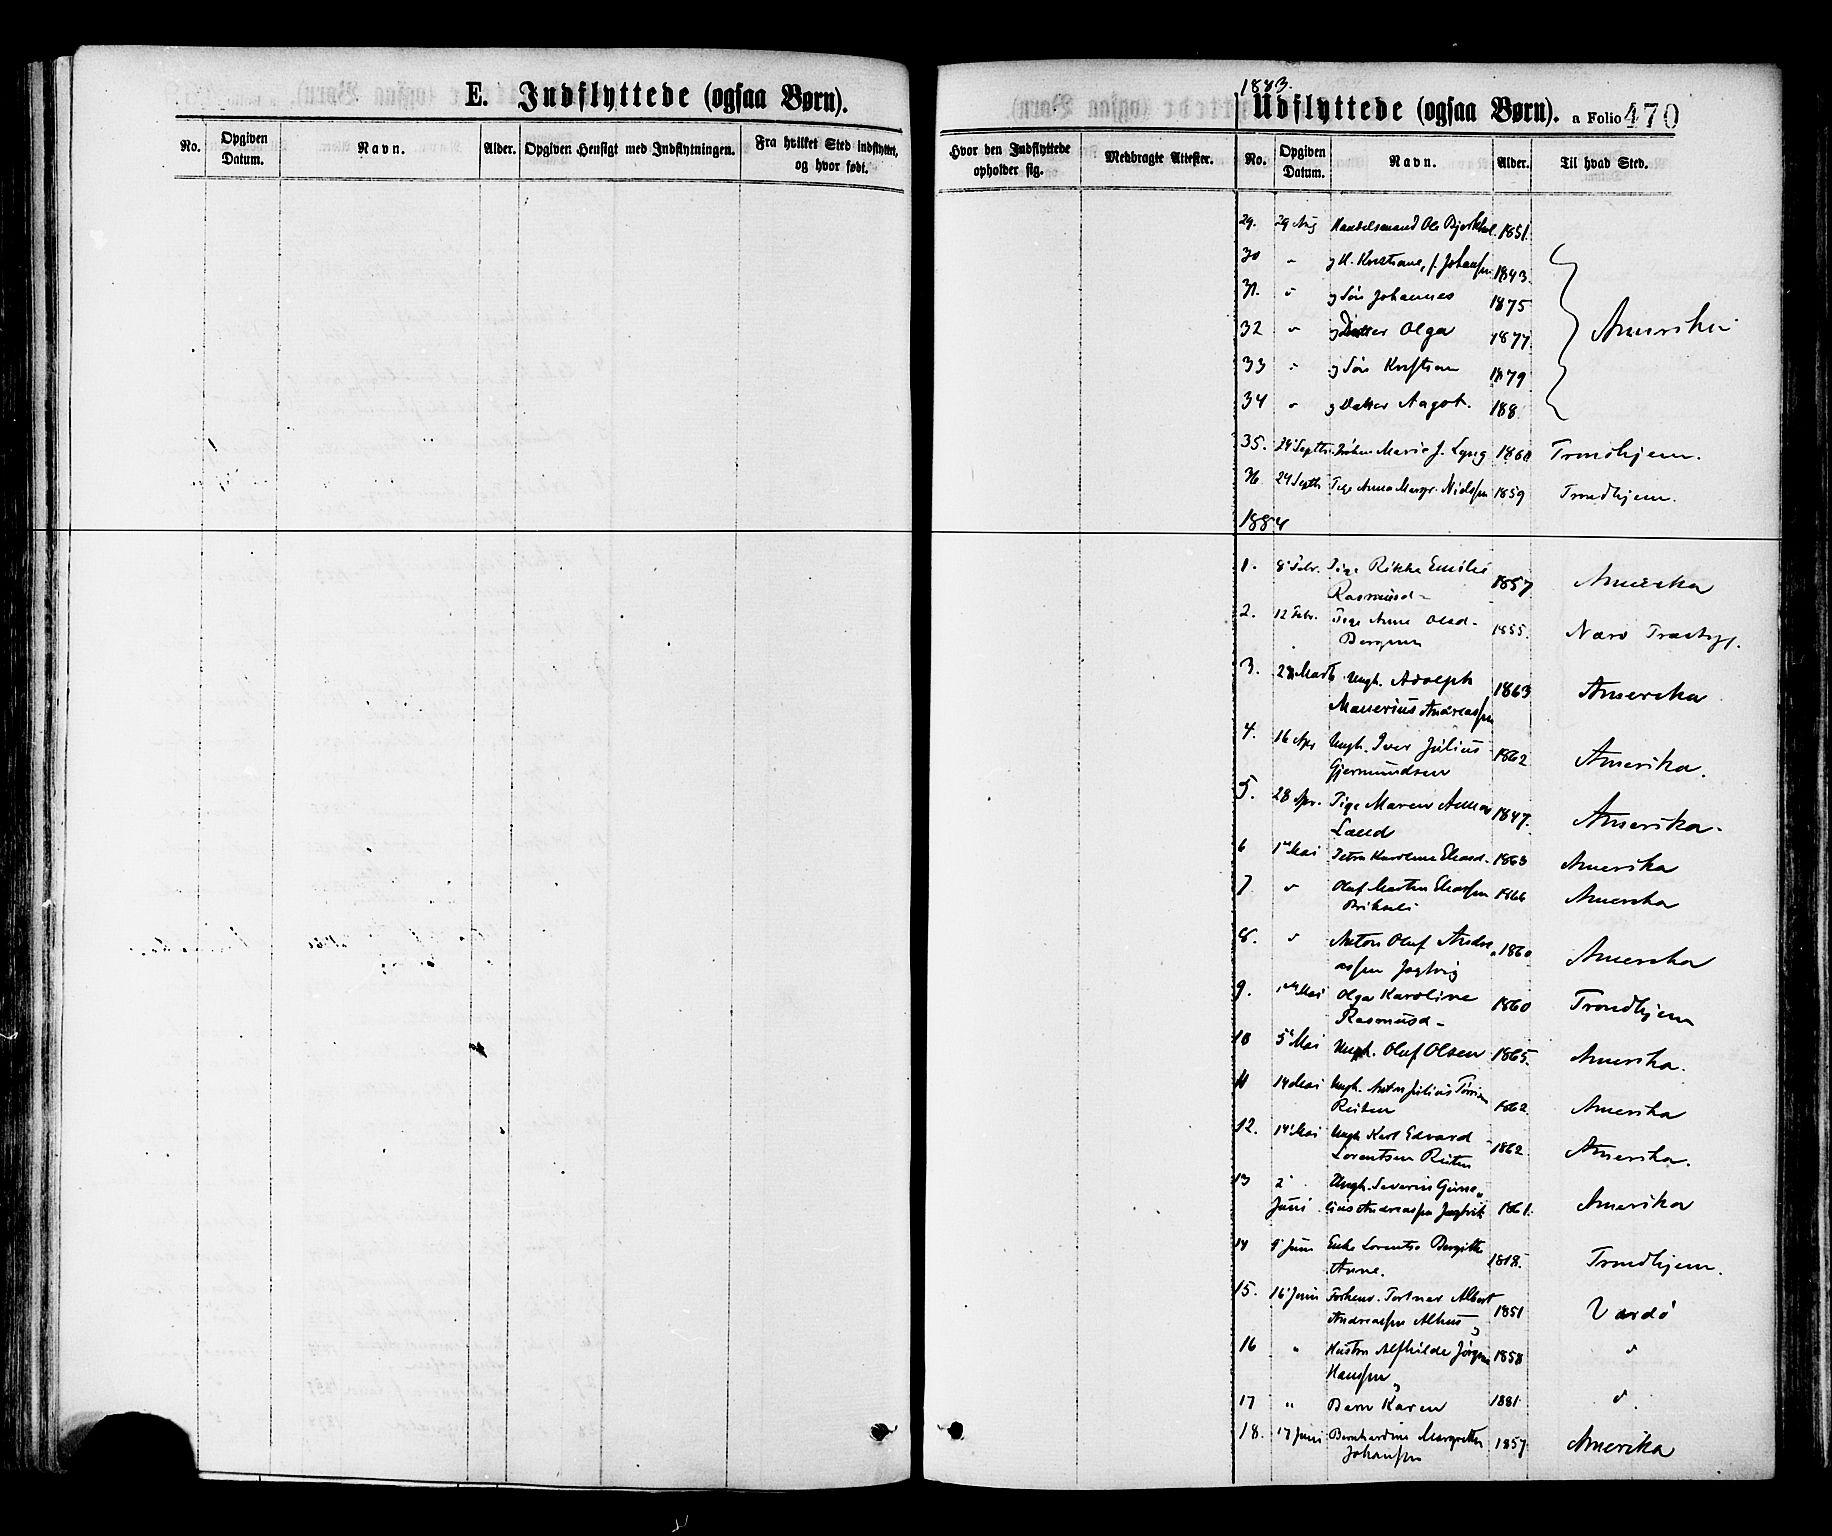 SAT, Ministerialprotokoller, klokkerbøker og fødselsregistre - Nord-Trøndelag, 768/L0572: Ministerialbok nr. 768A07, 1874-1886, s. 470